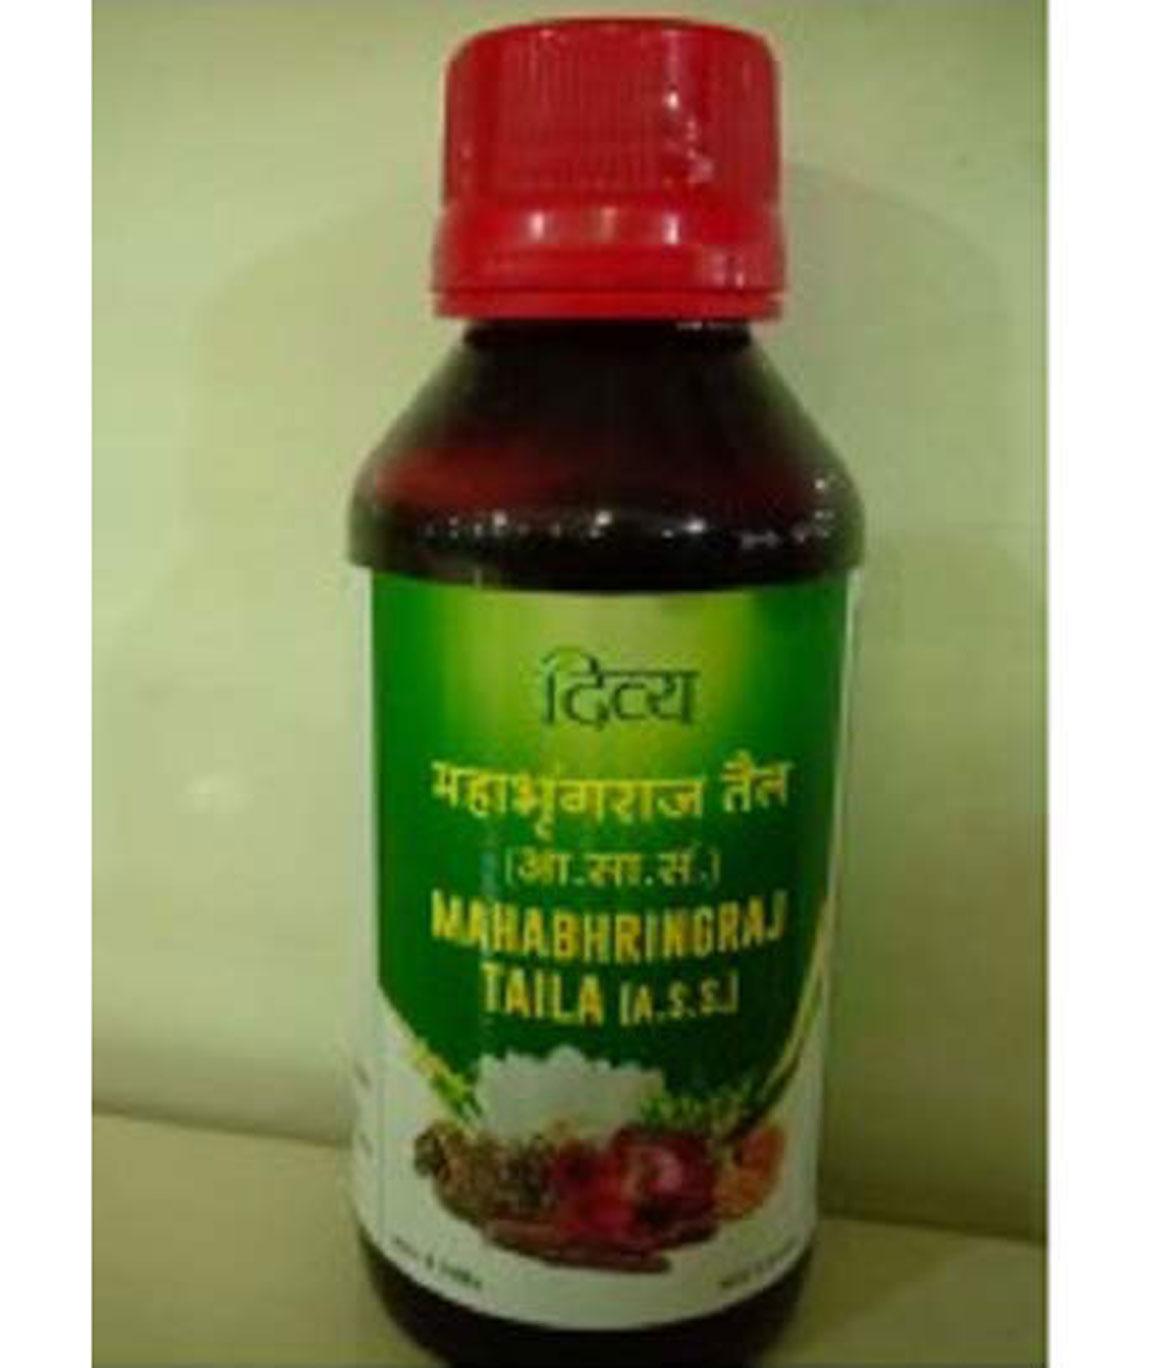 Patanjali Divya Mahabhringraj Hair Oil - Pack of 2 (2 x 100ml)